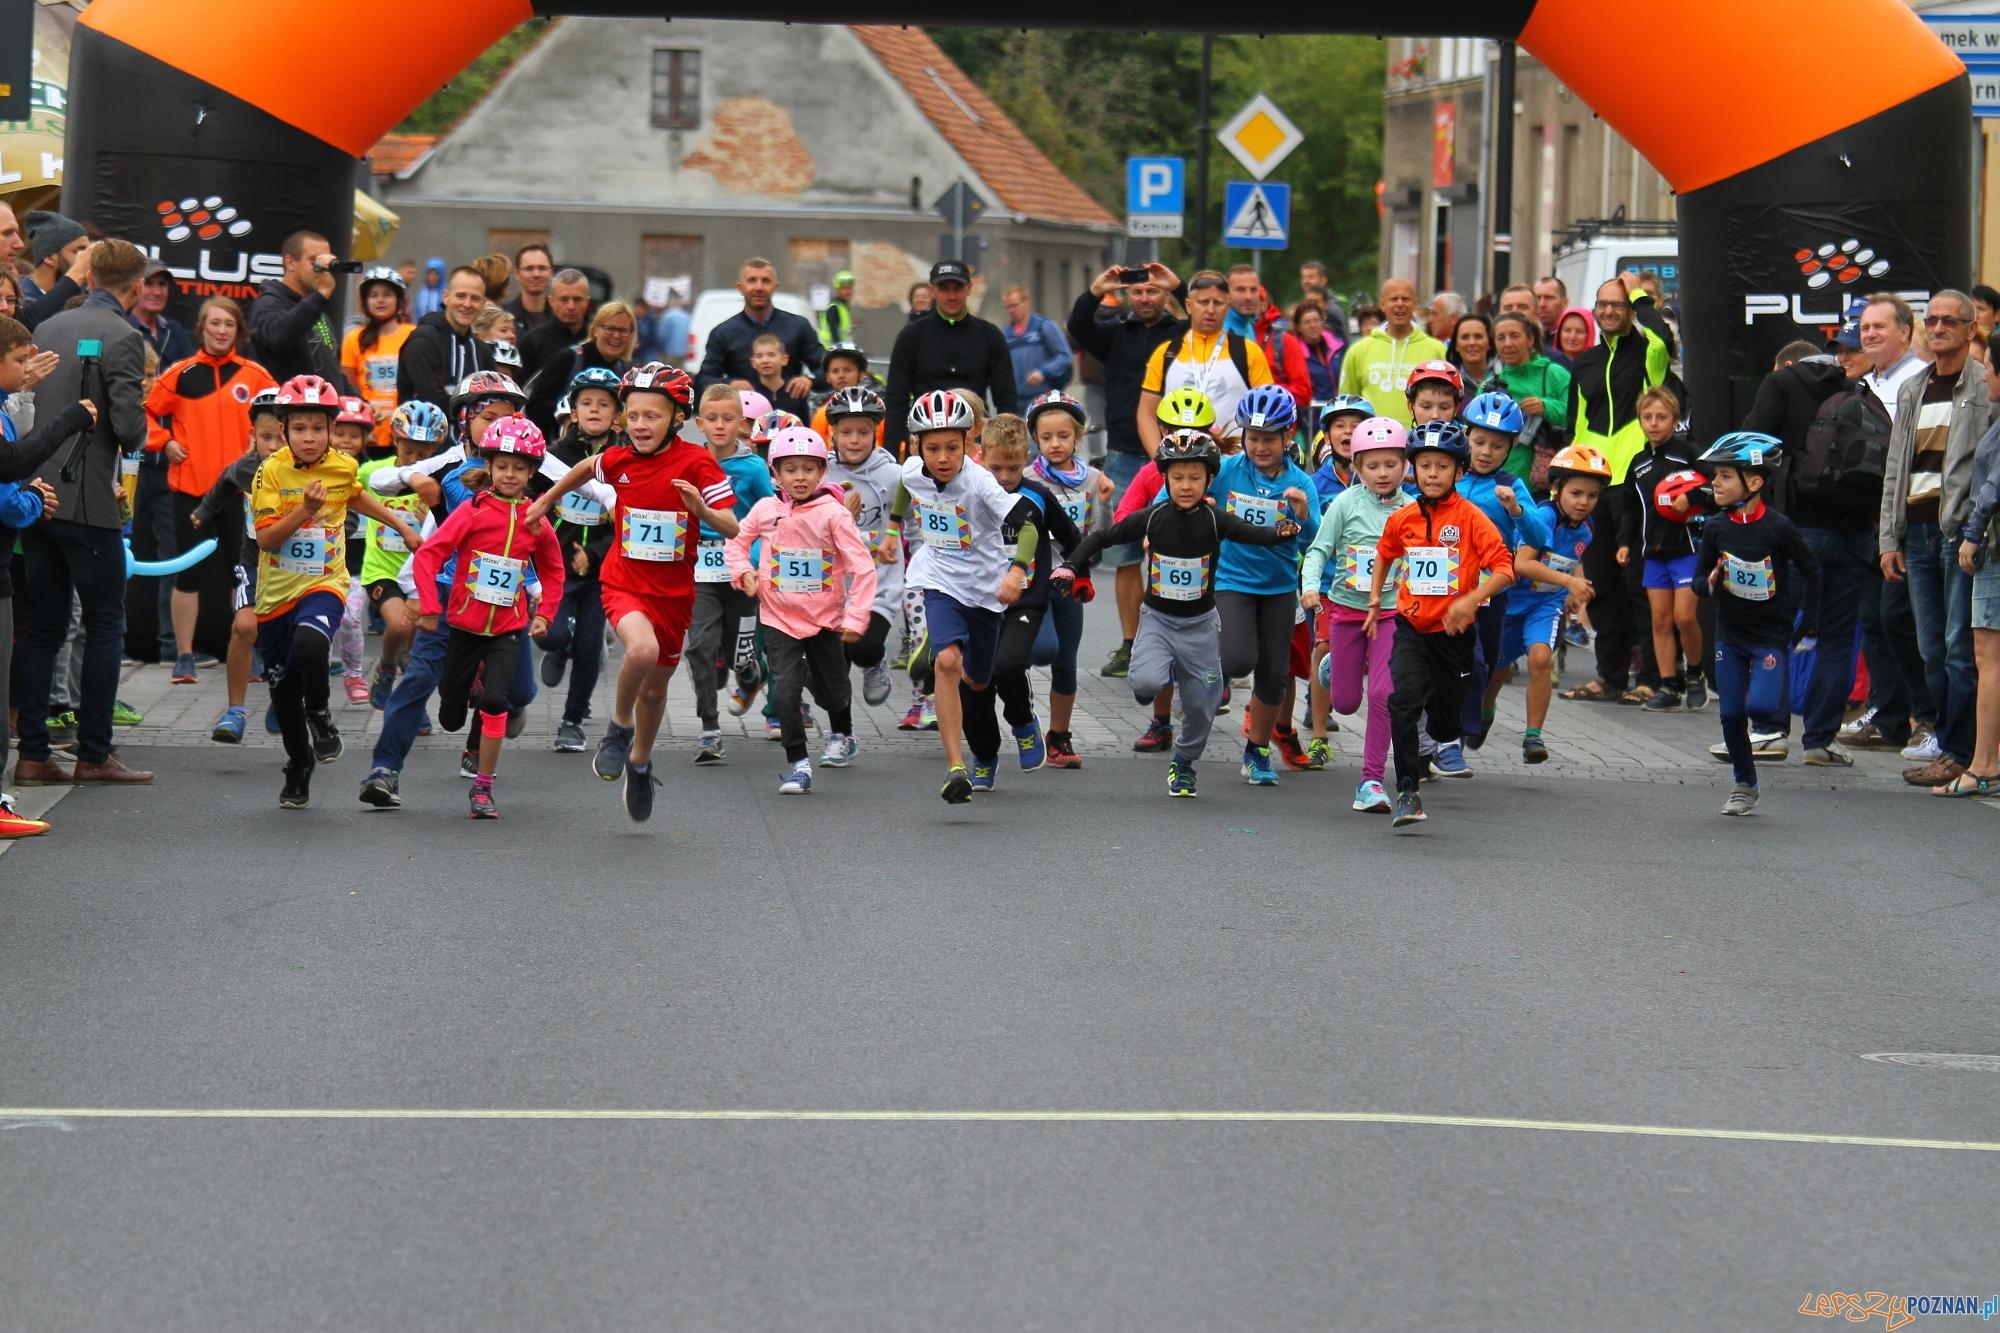 Kórnik triathlon  Foto: materiały prasowe / M. Grześ